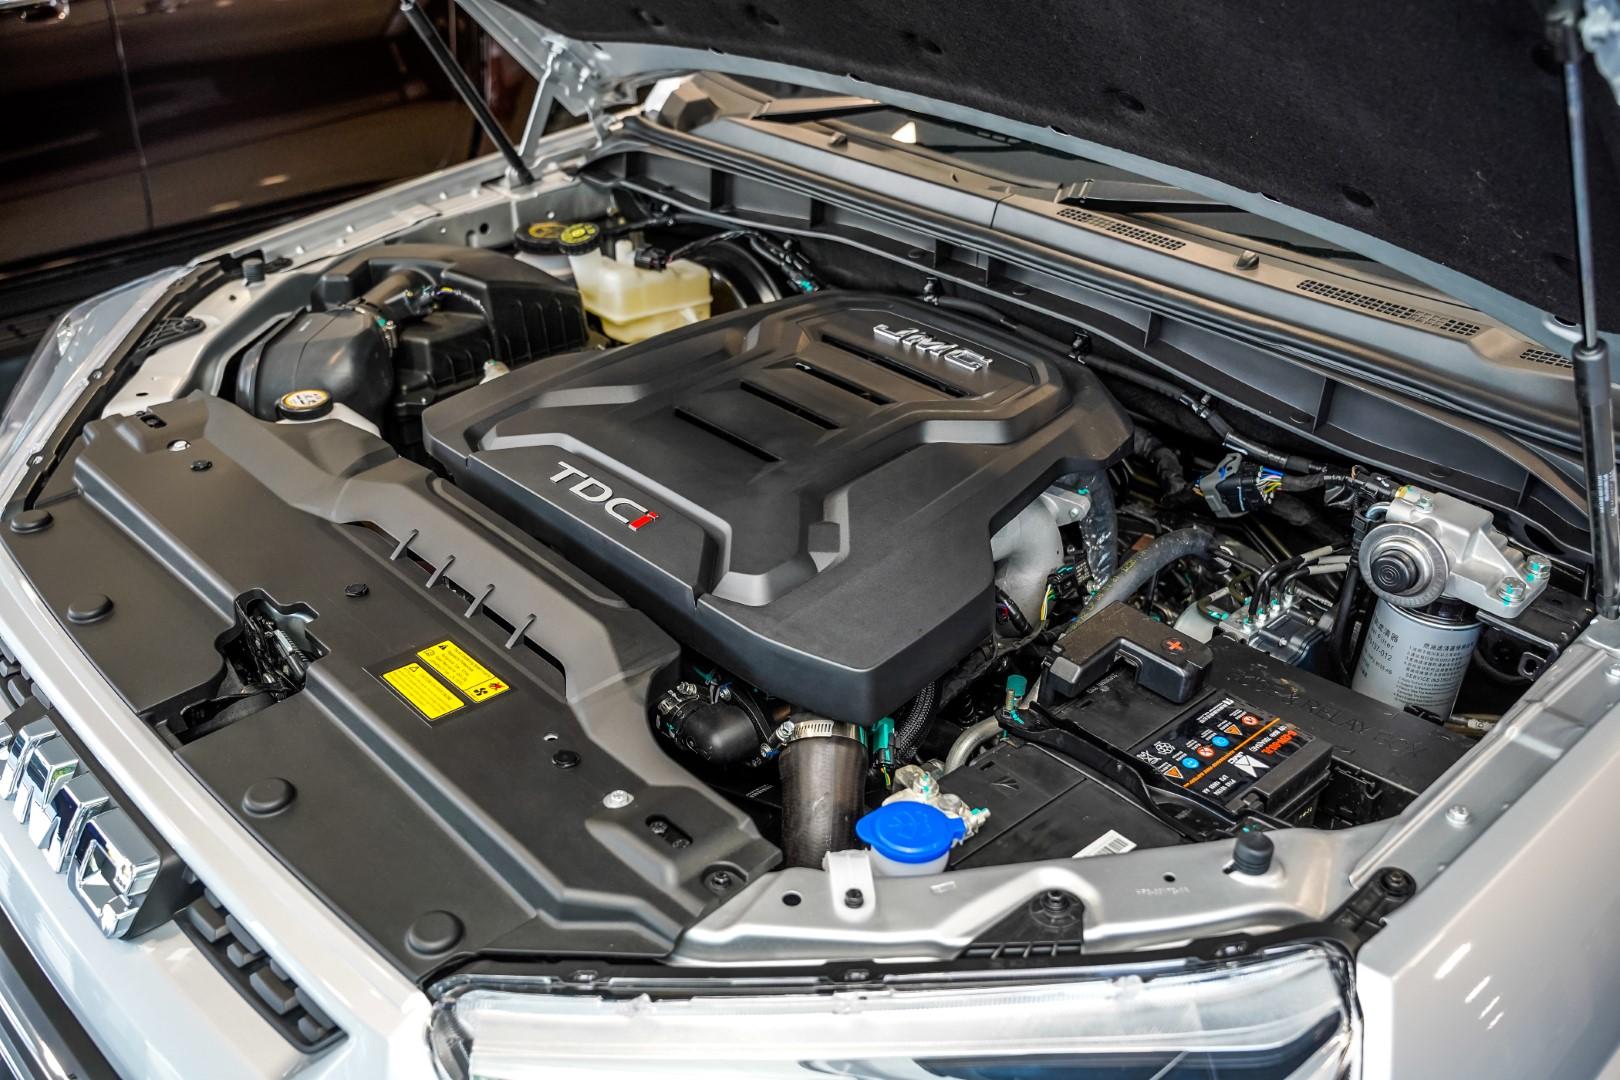 JMC Vigus Pro 4x4 engine